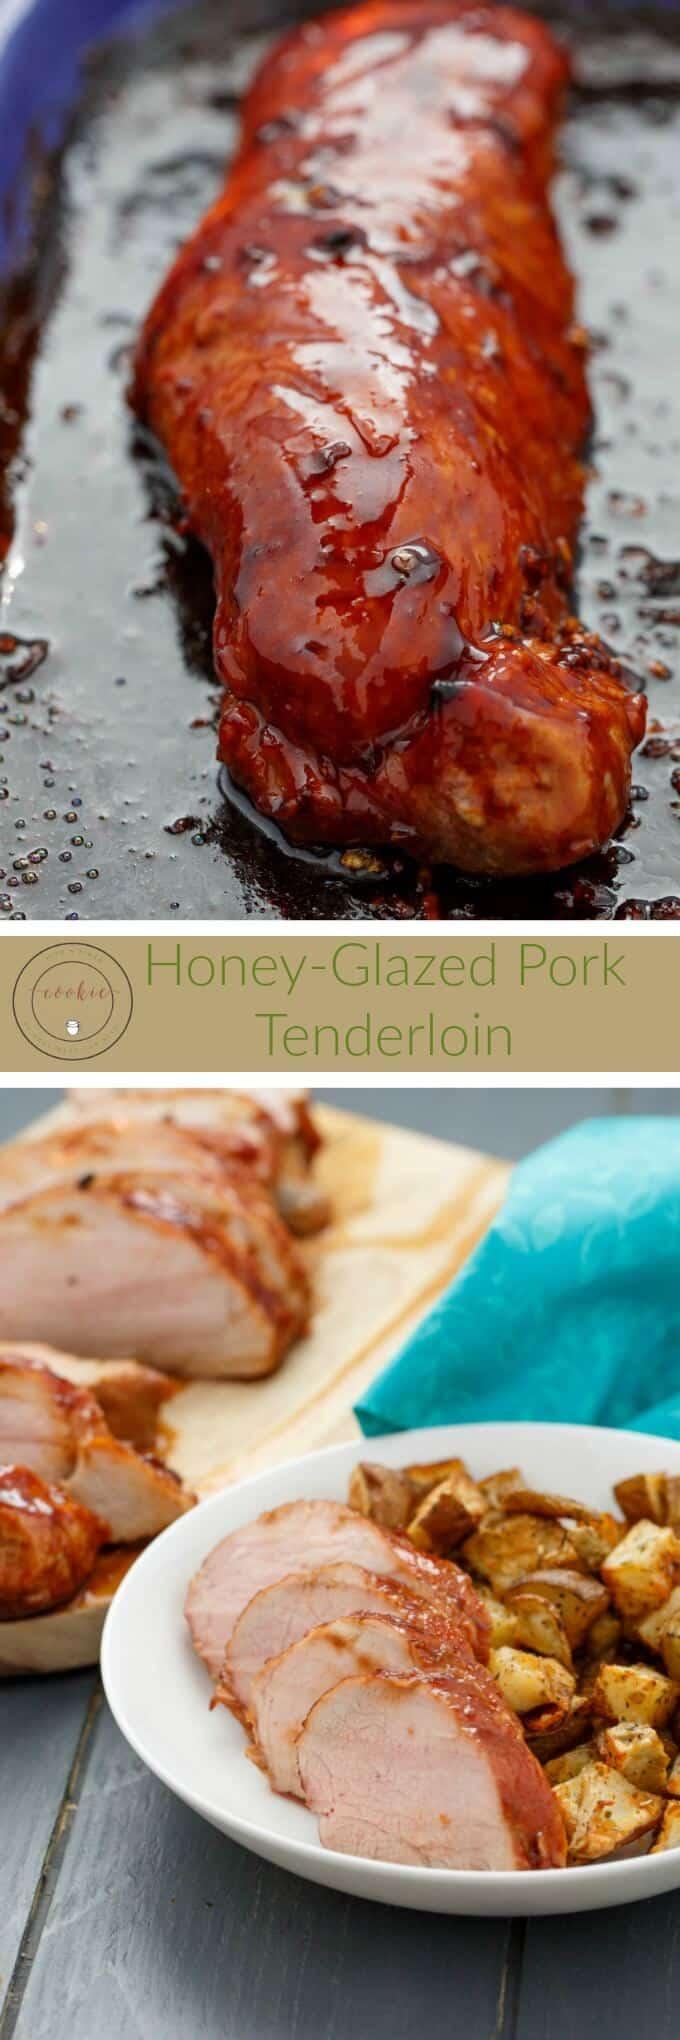 honey-glazed-pork-tenderloin